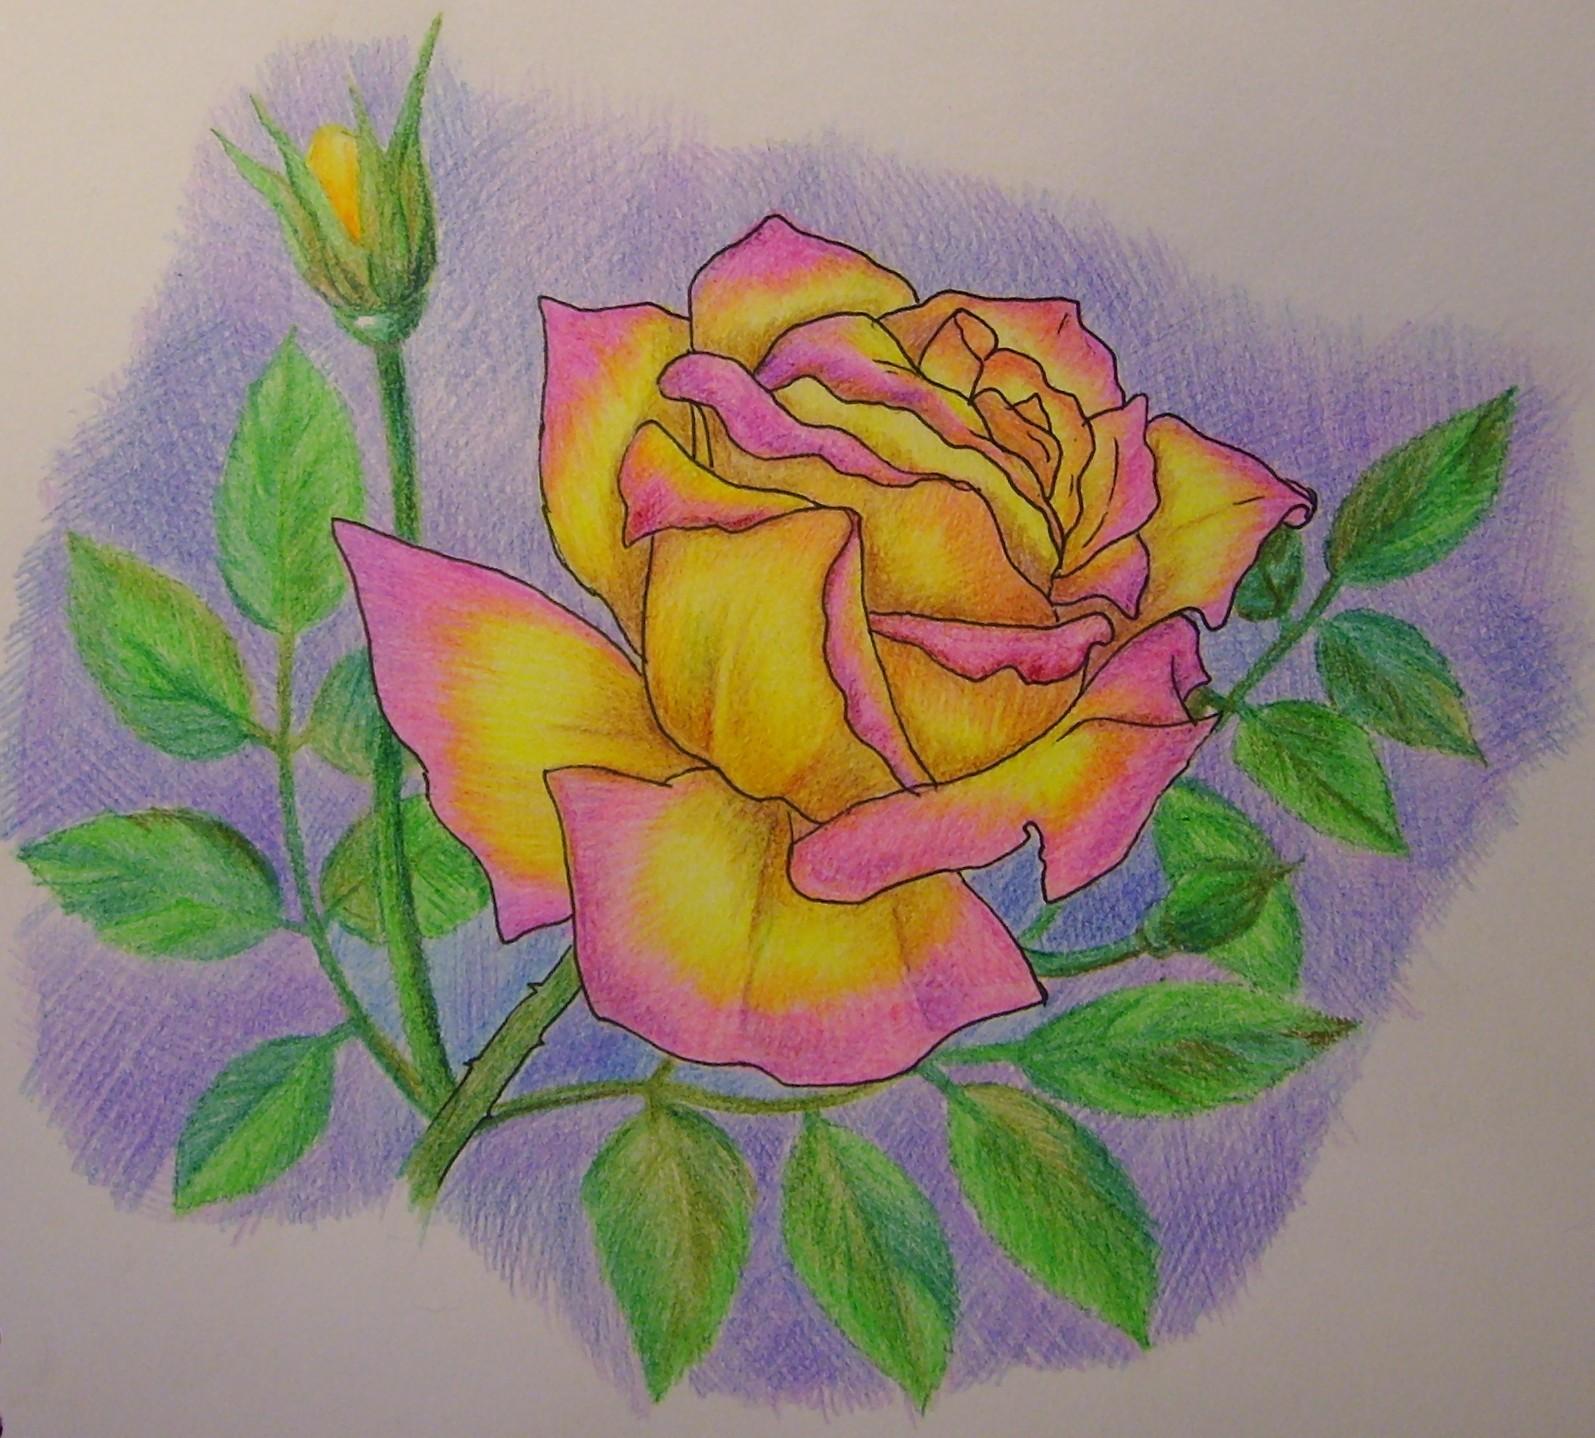 Как рисовать открытки для мамы, открытки днем